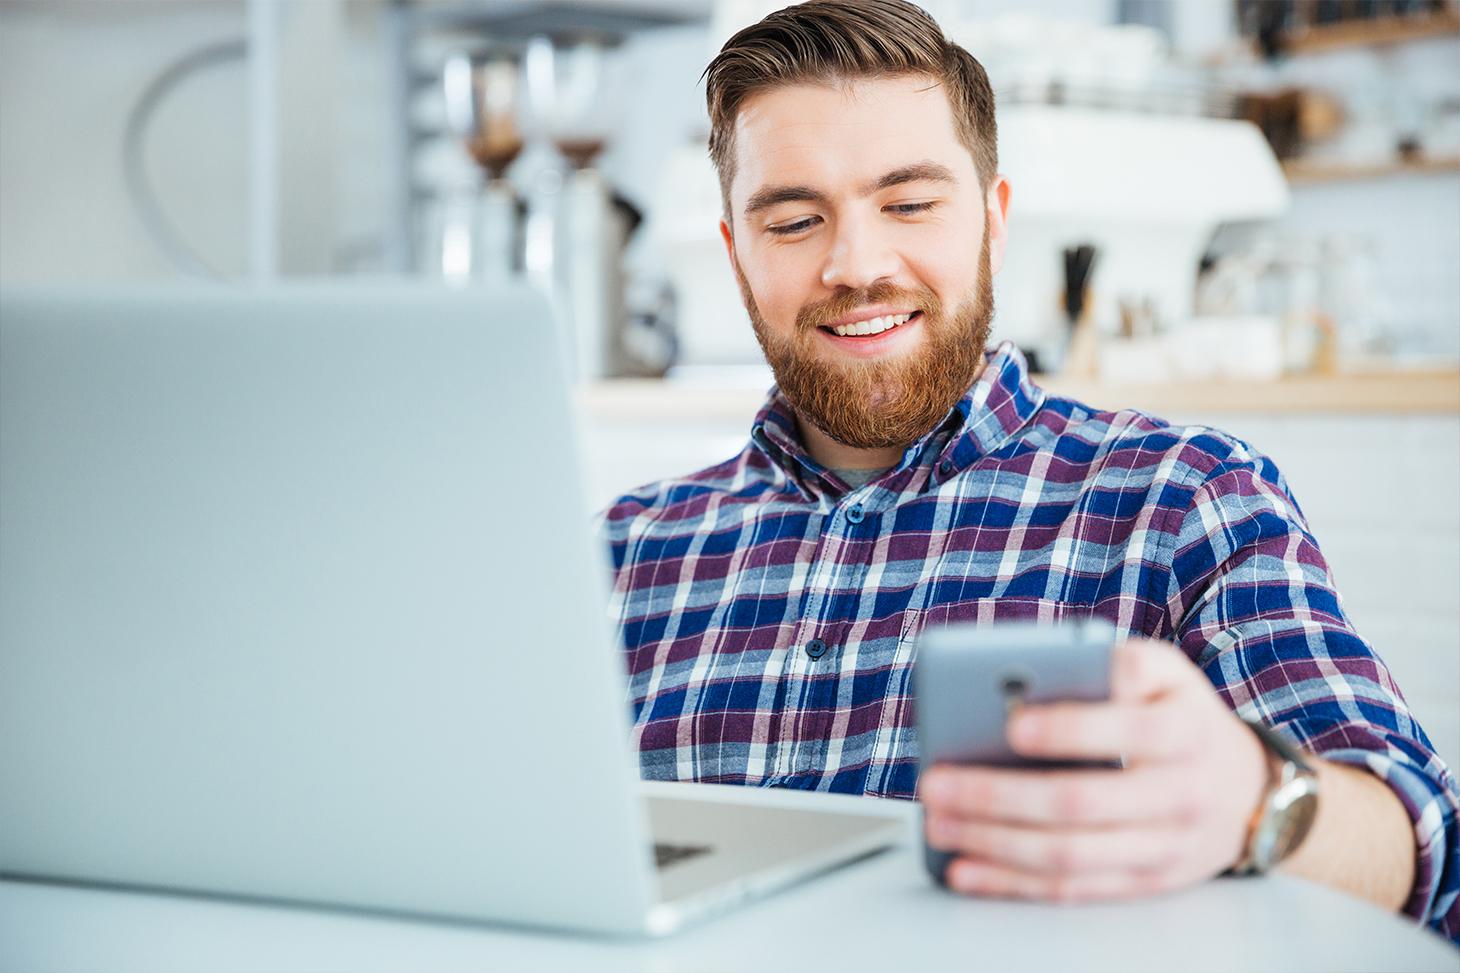 Un étudiant utilisant son ordinateur portable et son smartphone